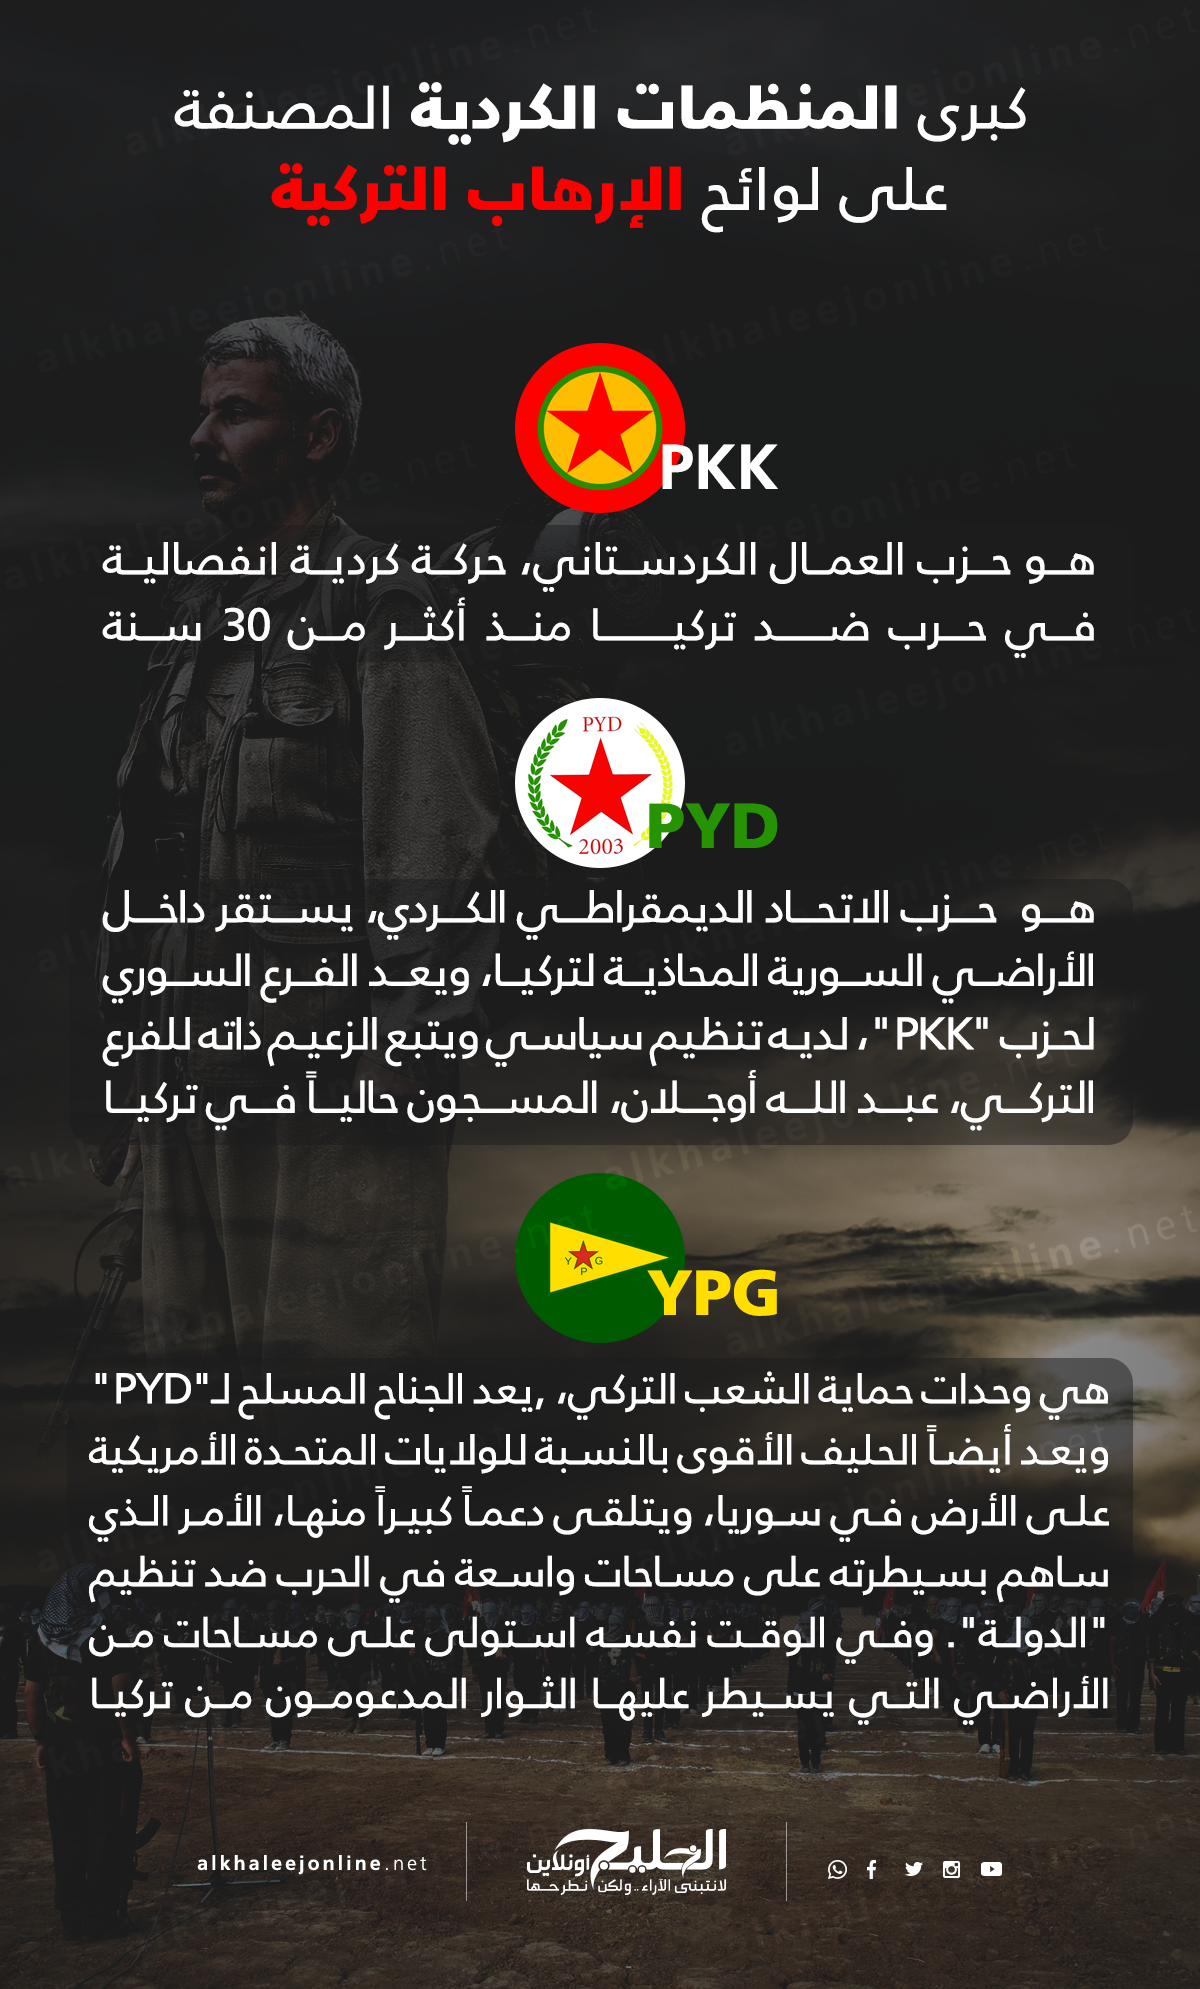 المنظمات-الكردية-الارهابية (1)